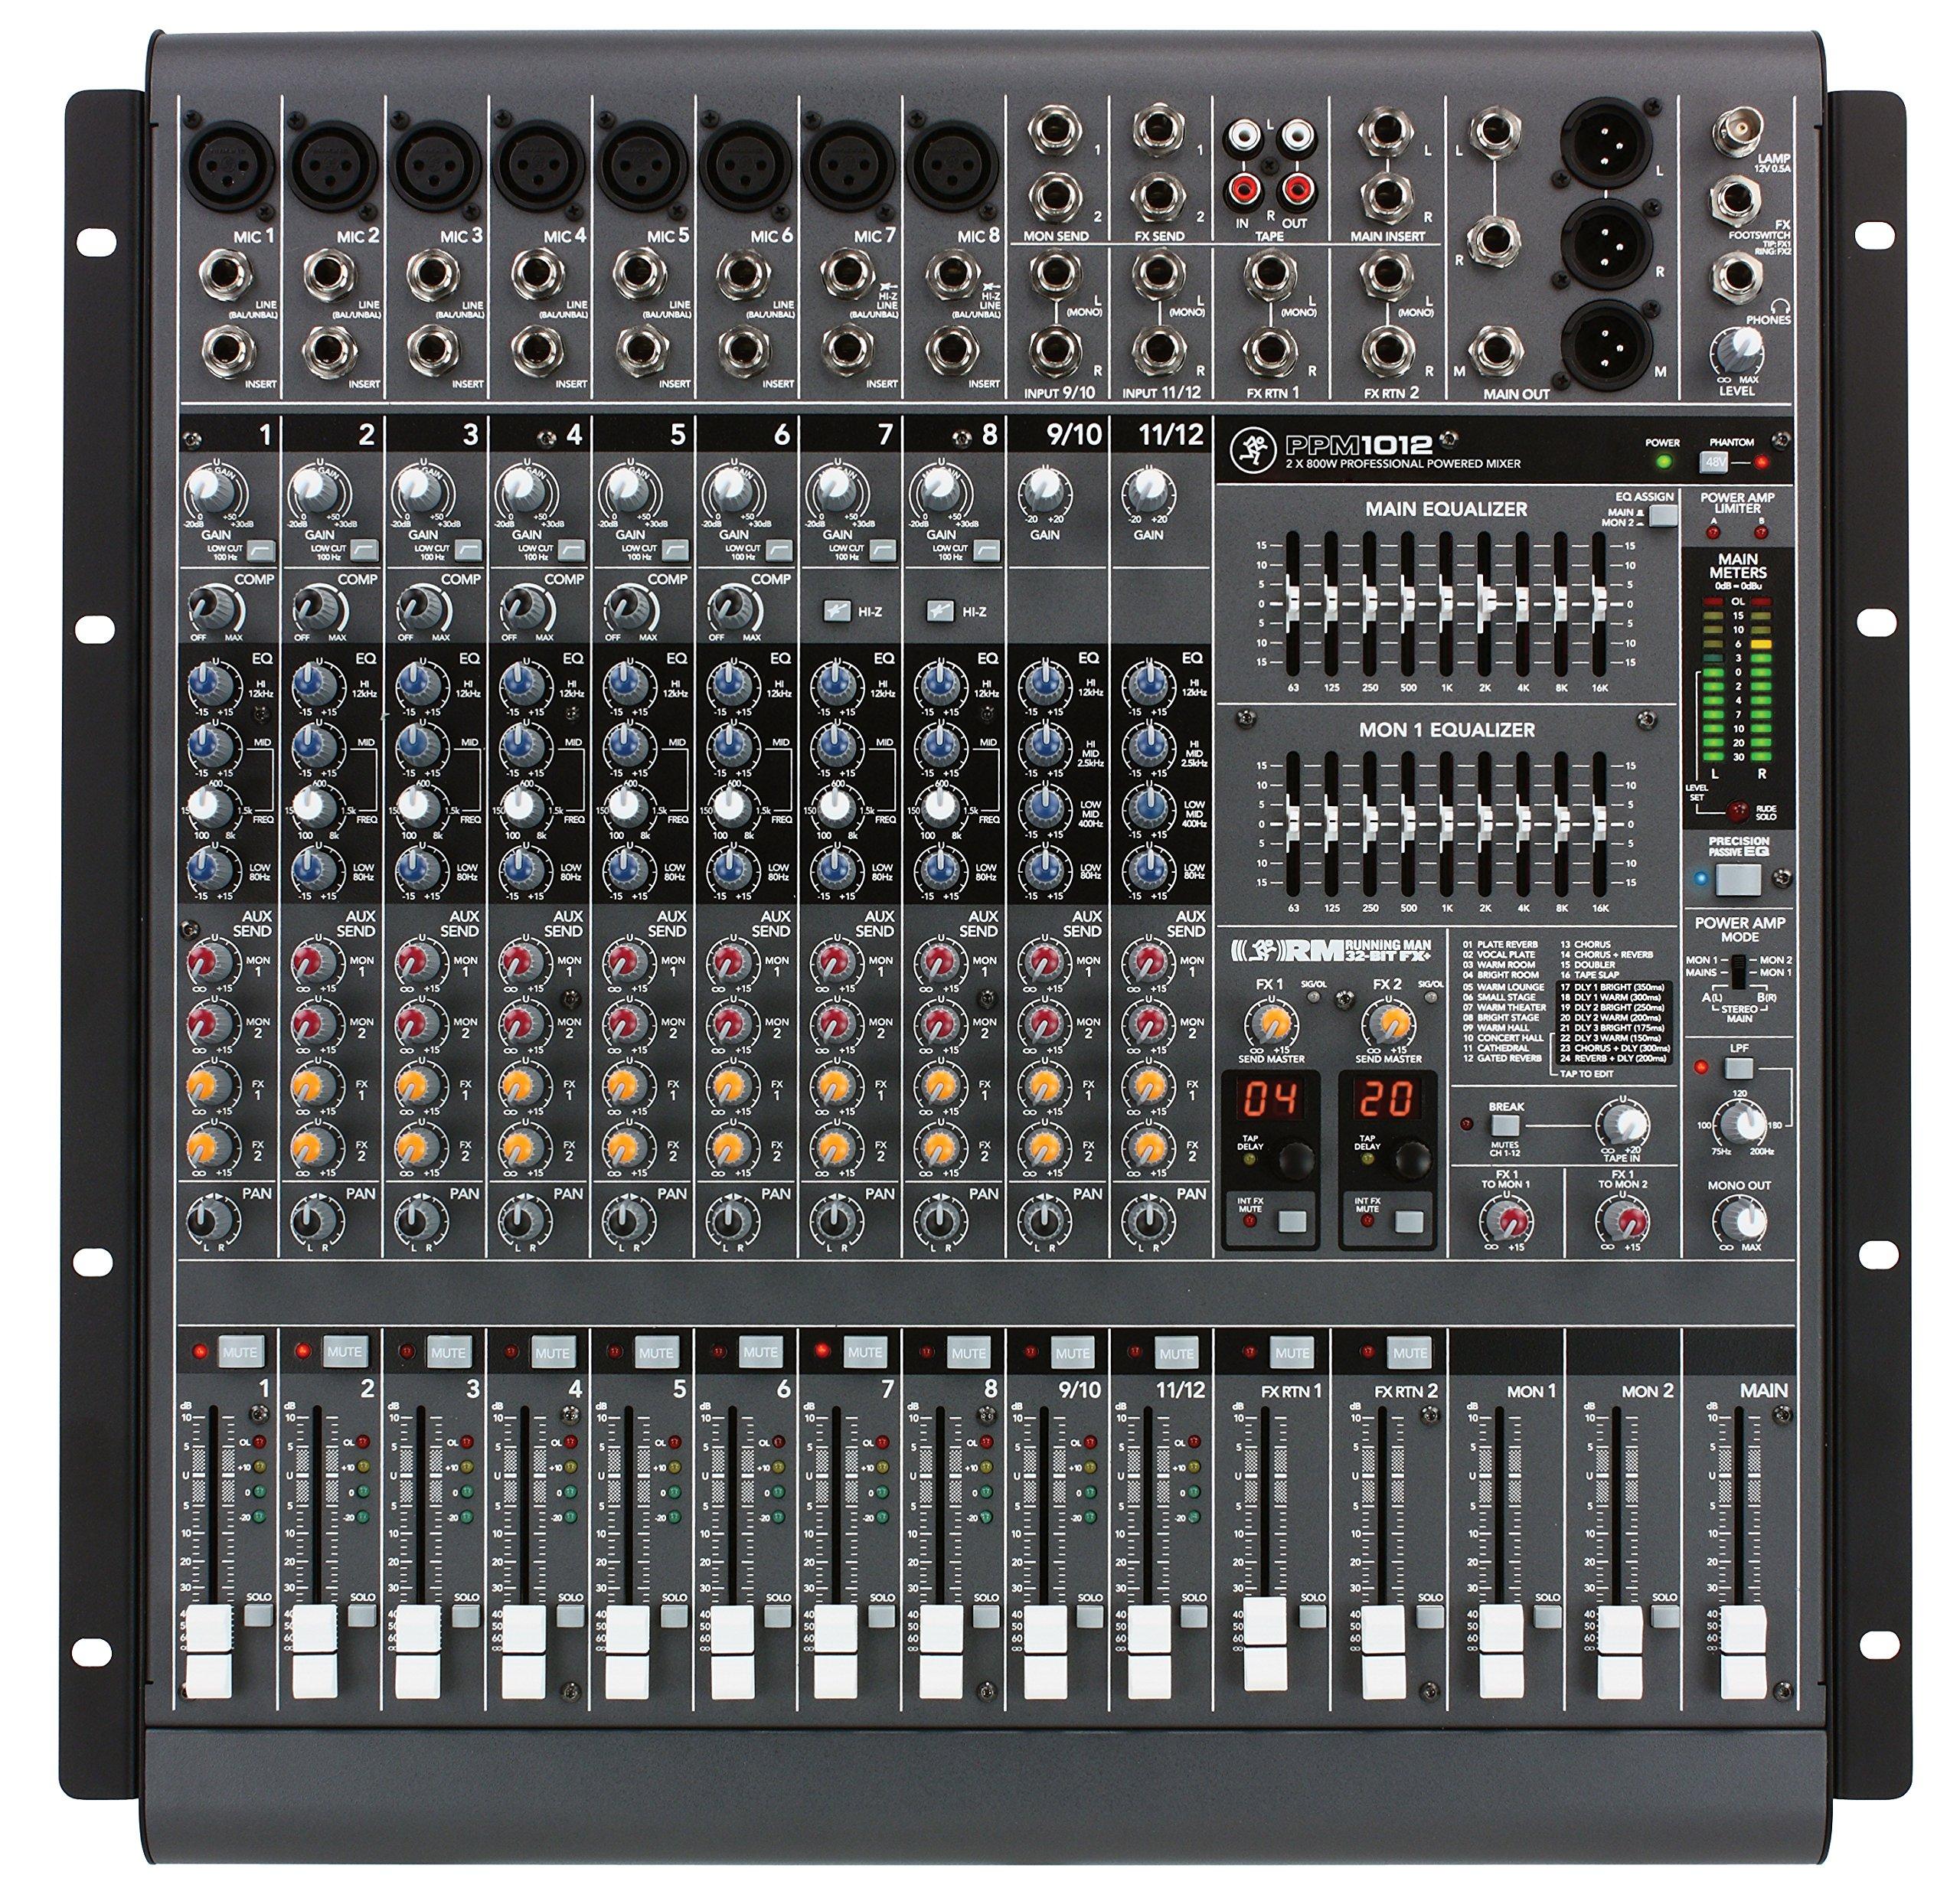 Mackie PPM1012 12-Channel, 1600-Watt Powered Desktop Mixer by Mackie